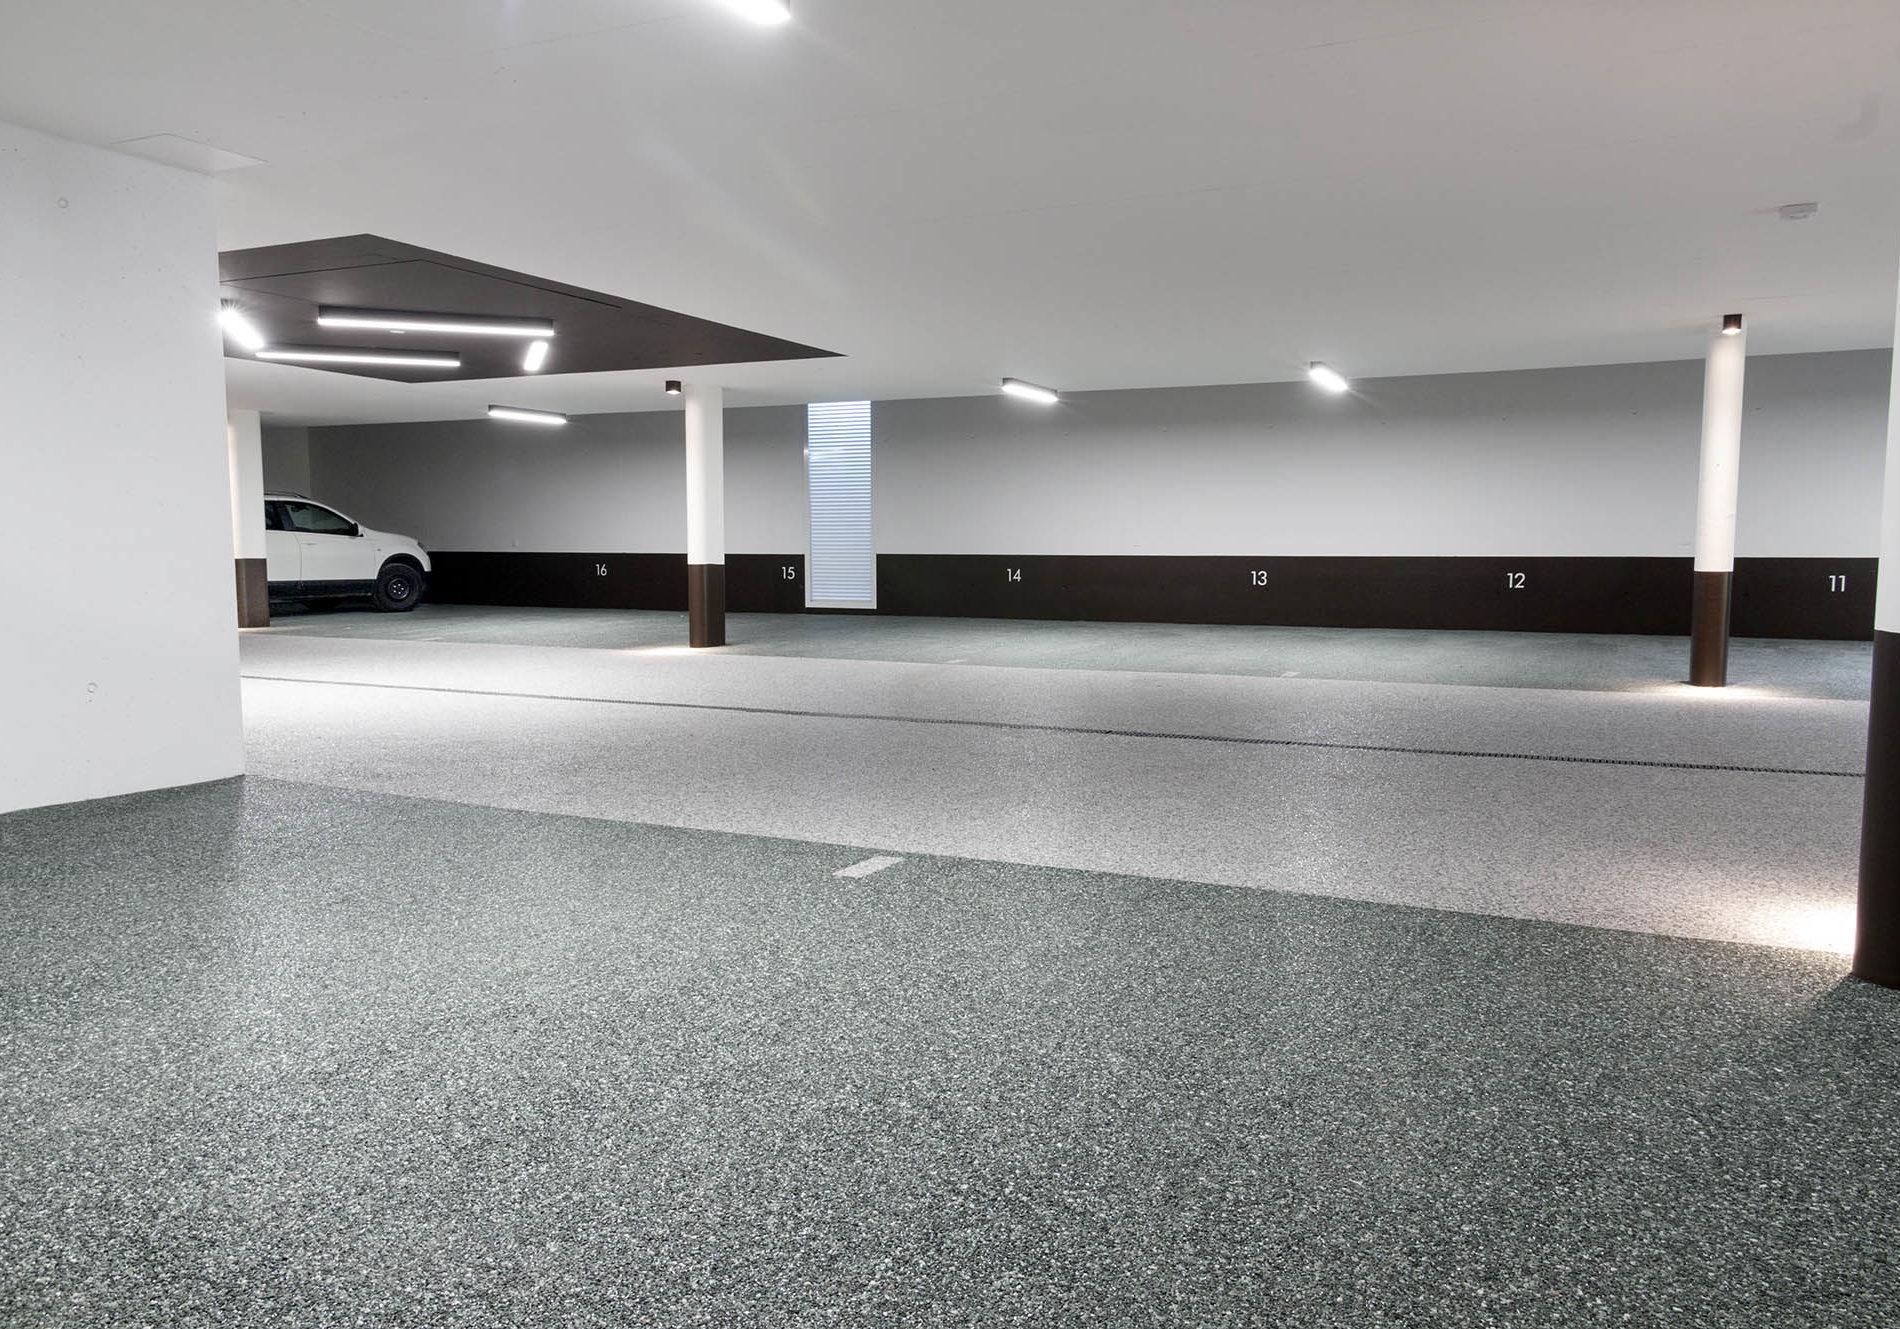 parcheggio-svizzera_00008